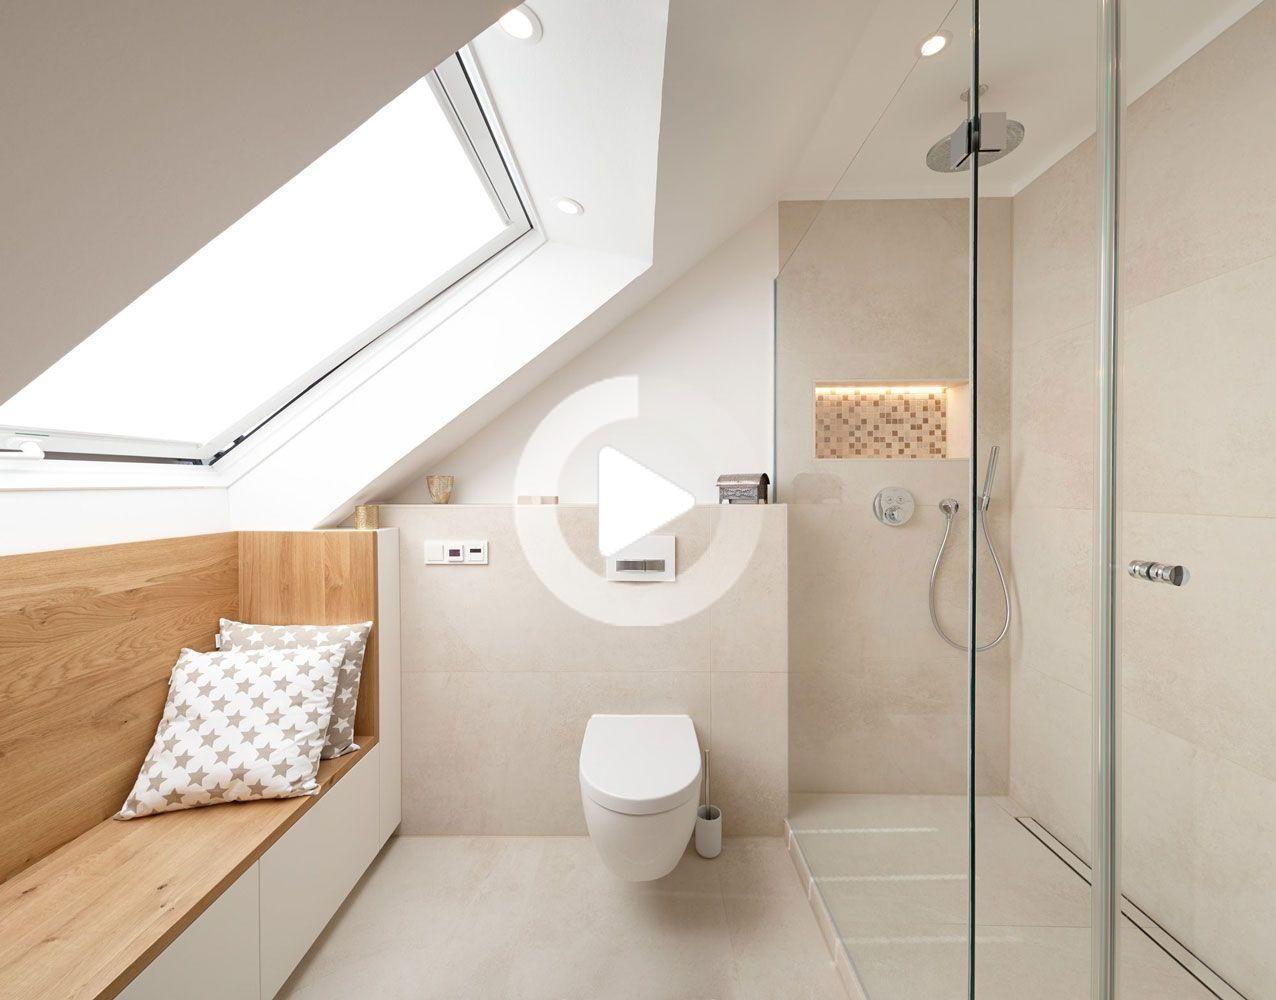 Koelnmoebel Mobel Bad Badezimmermobel In Der Dachschrage In 2020 Badezimmer Dachschrage Bad Einrichten Badezimmer Dachgeschoss